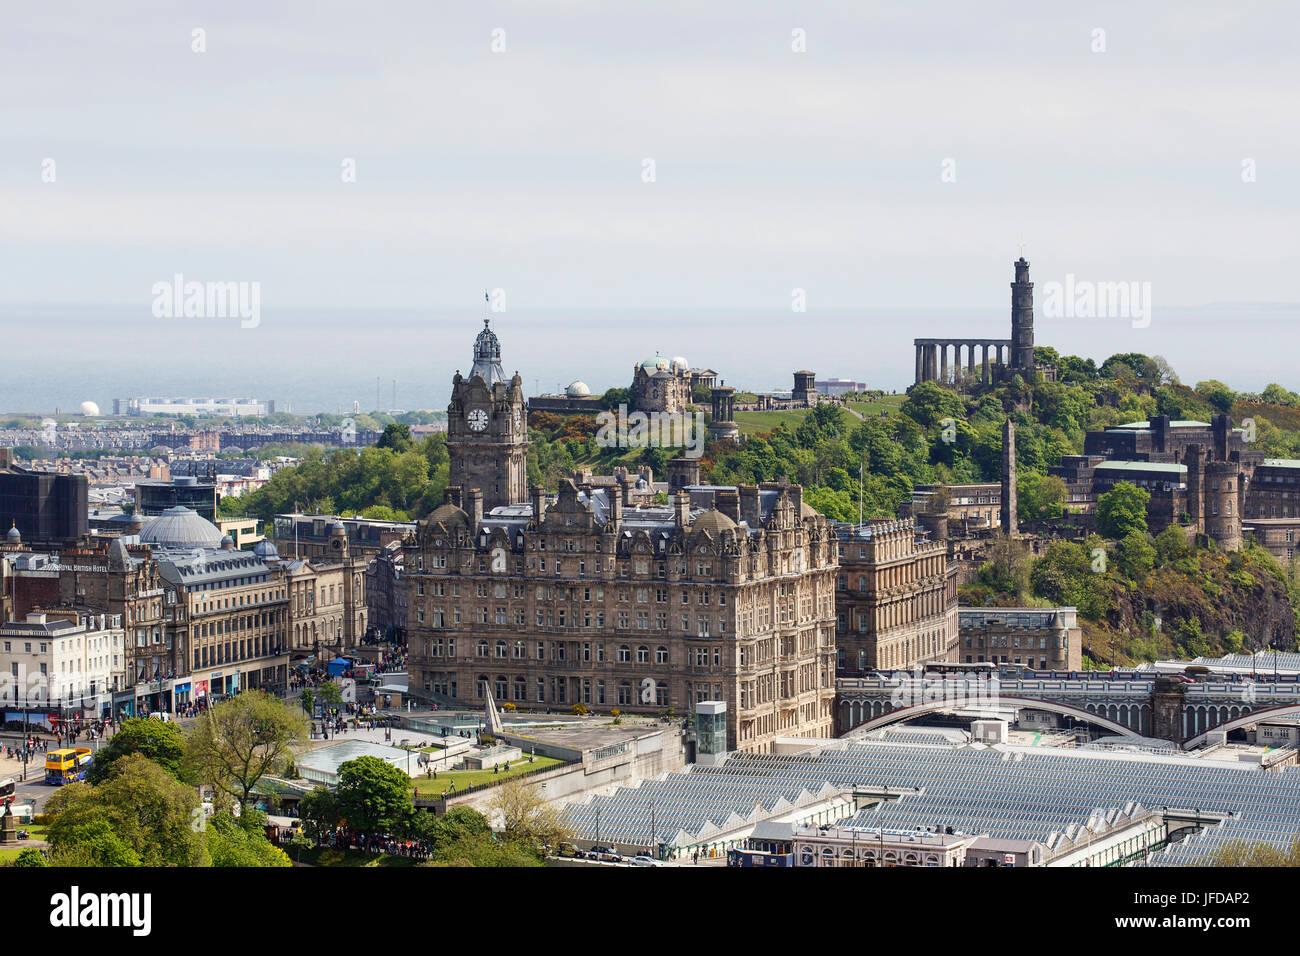 Edinburgh Cityscape - Waverley Hotel - Stock Image